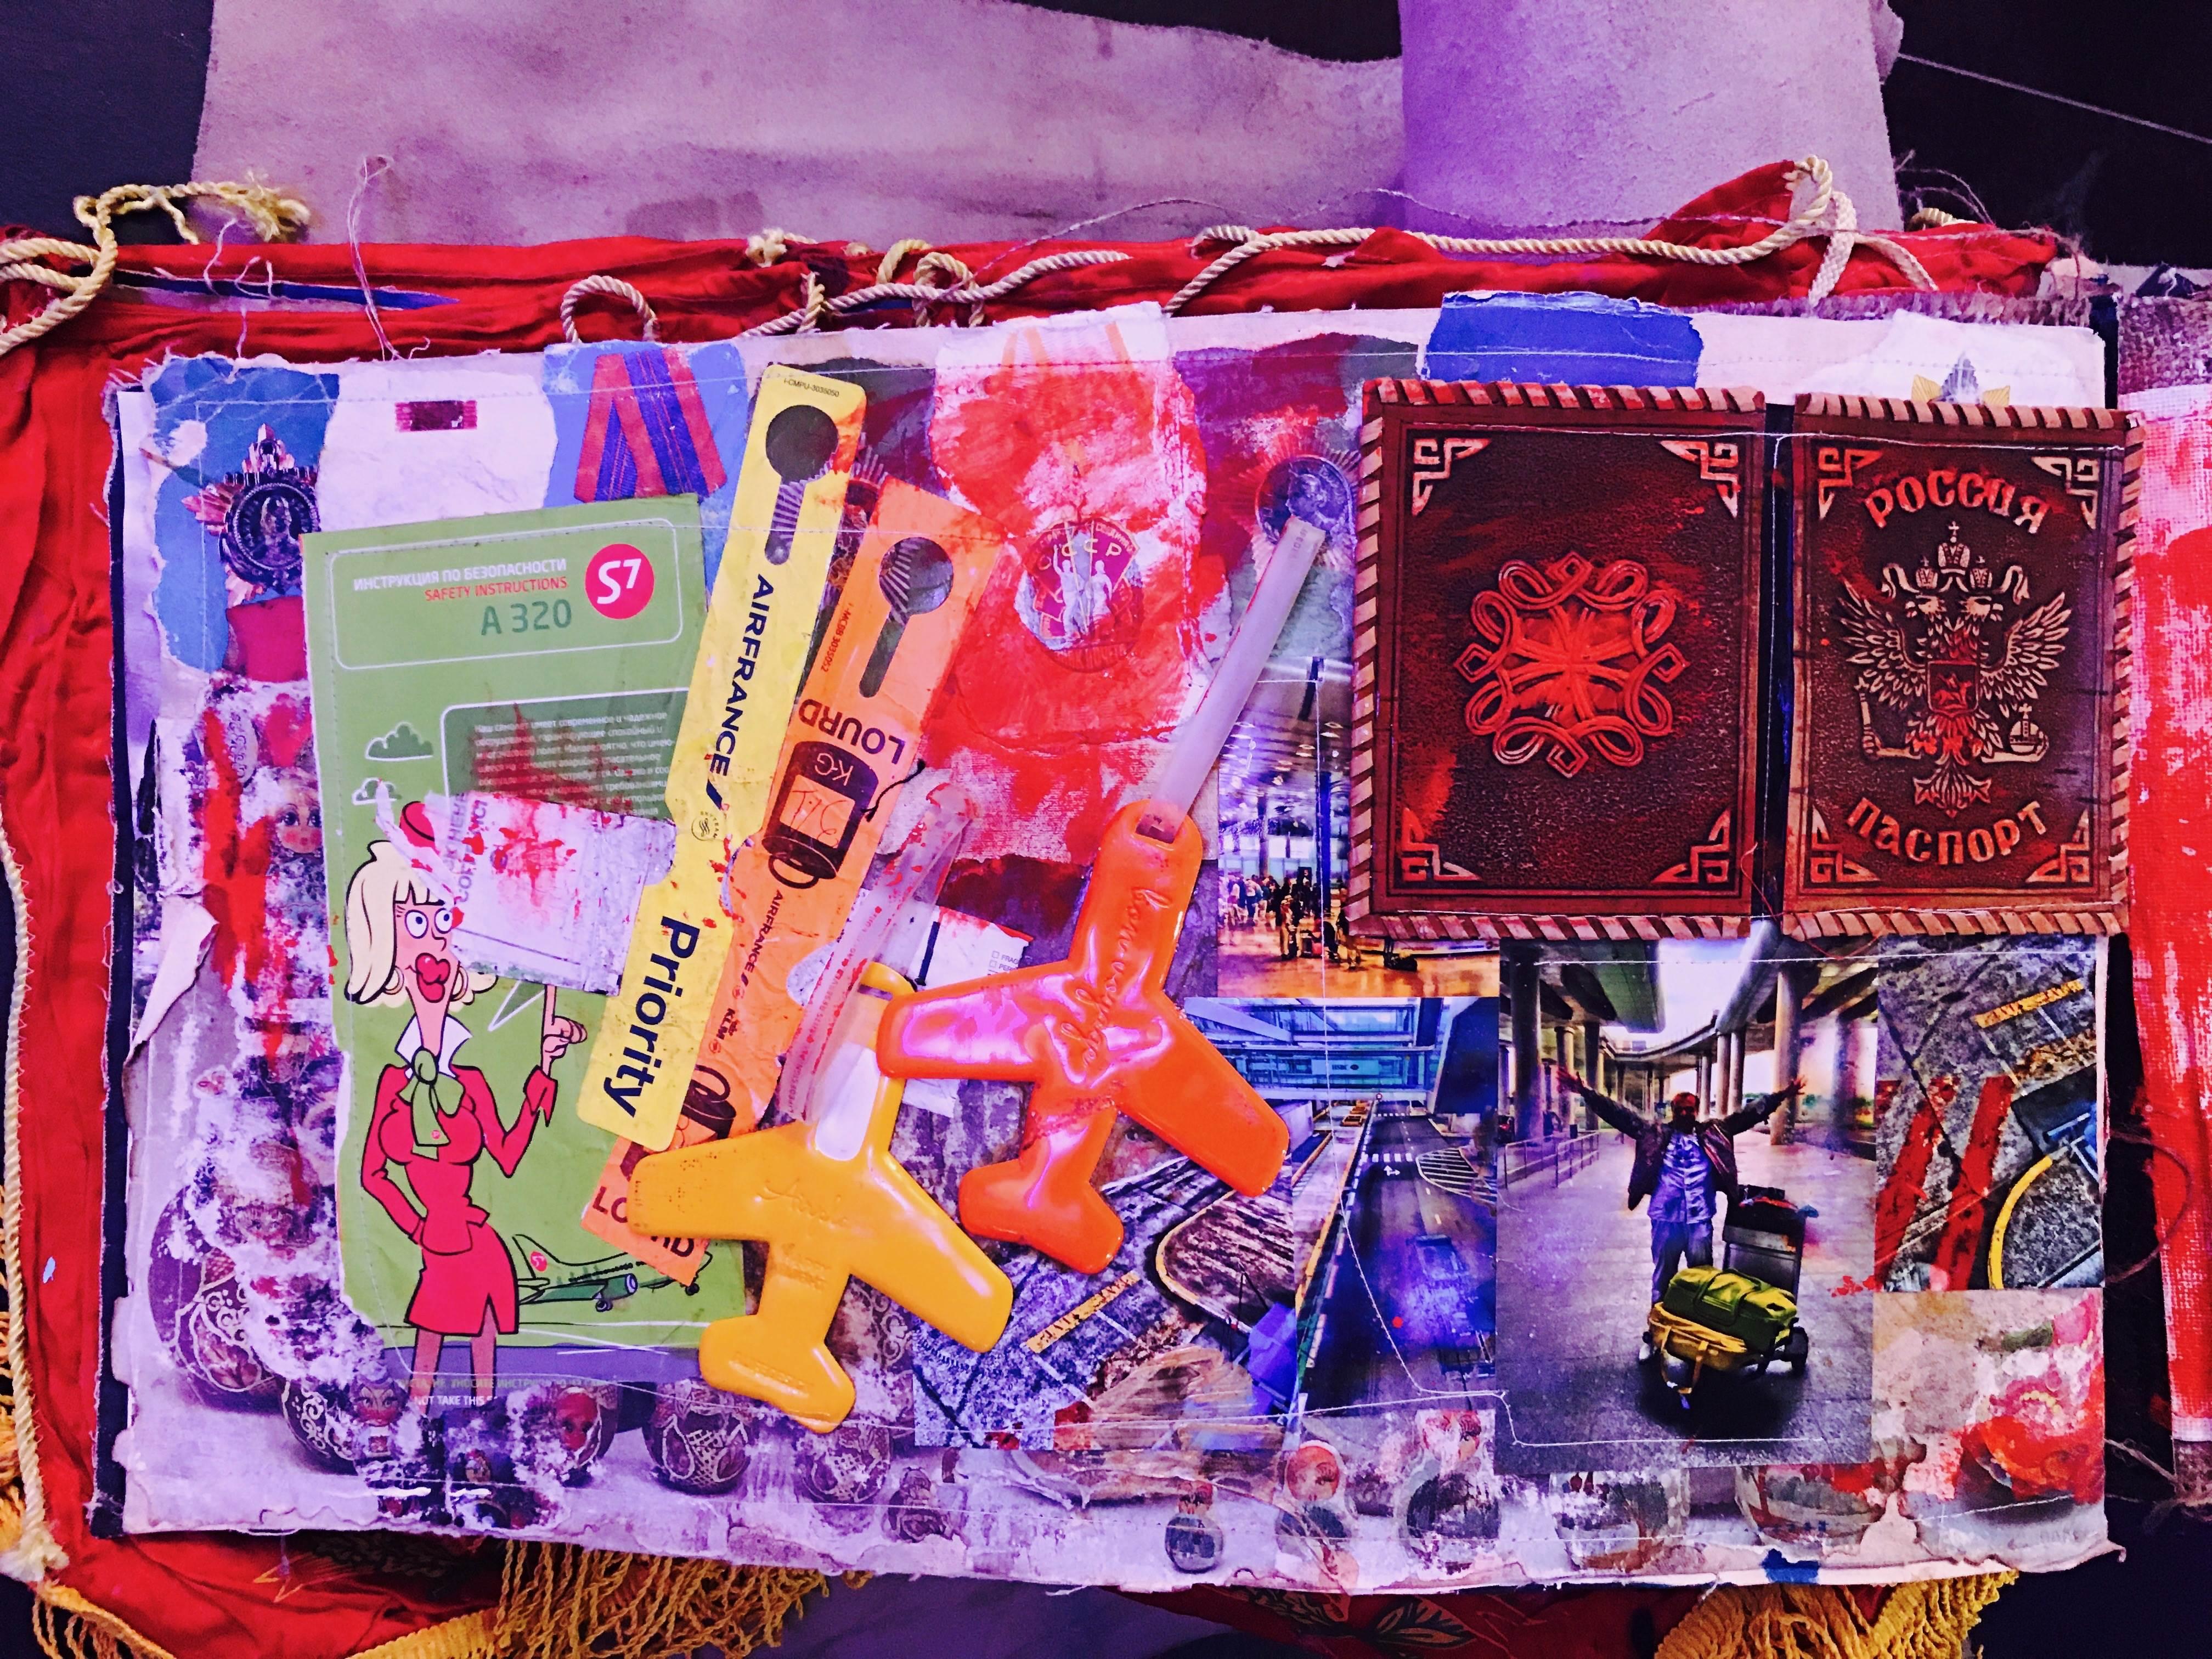 Chayan khoi carnet de voyage  (08)